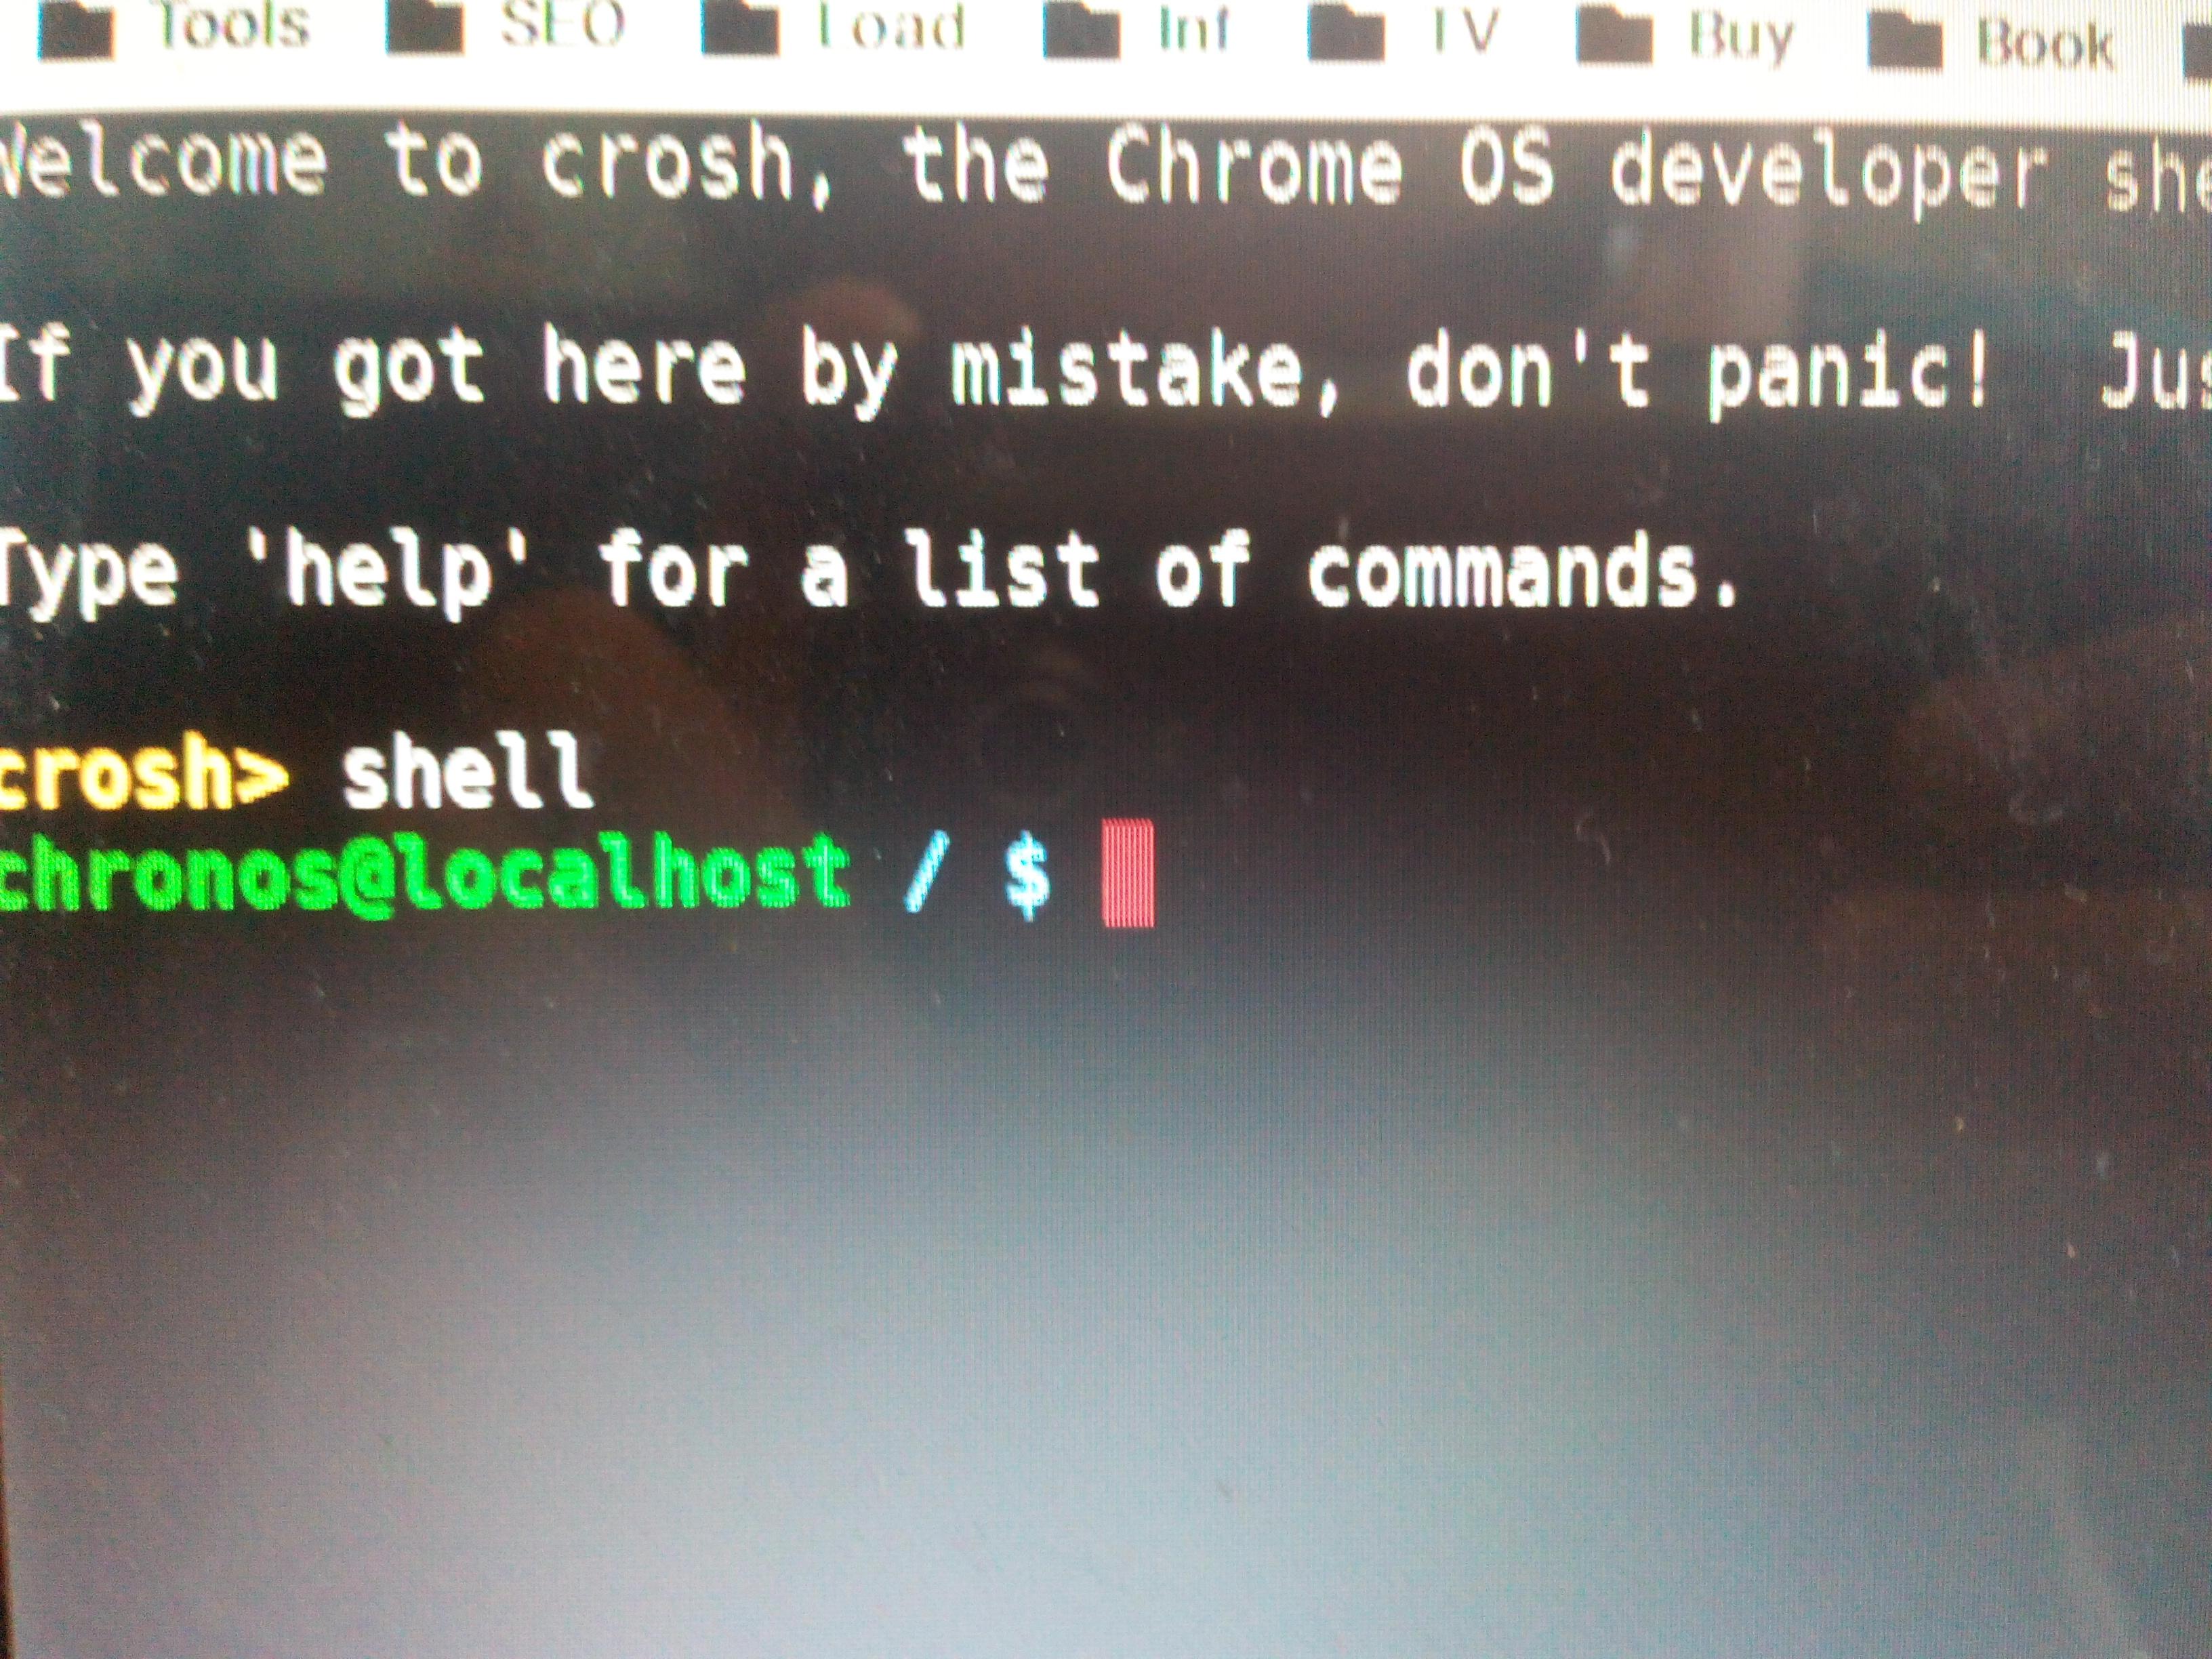 Installeer google chrome os op een laptop of netbook. installeer